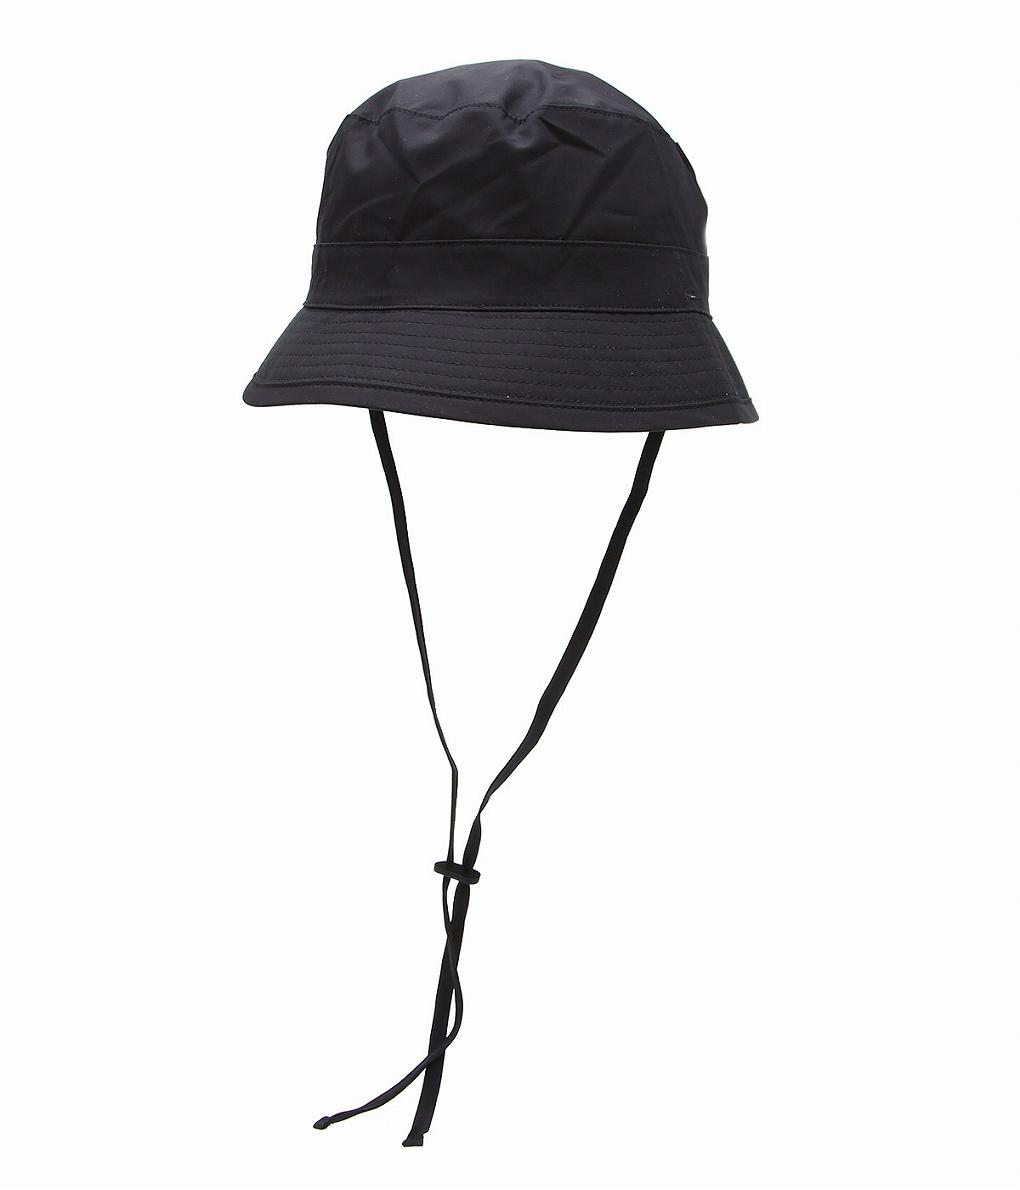 【サマーキャンペーン!】KAPTAIN SUNSHINE / キャプテンサンシャイン : Reversivle Bush Hat : リバーシブル ブッシュ ハット 帽子 メンズ : KS20SGD01 【NOA】